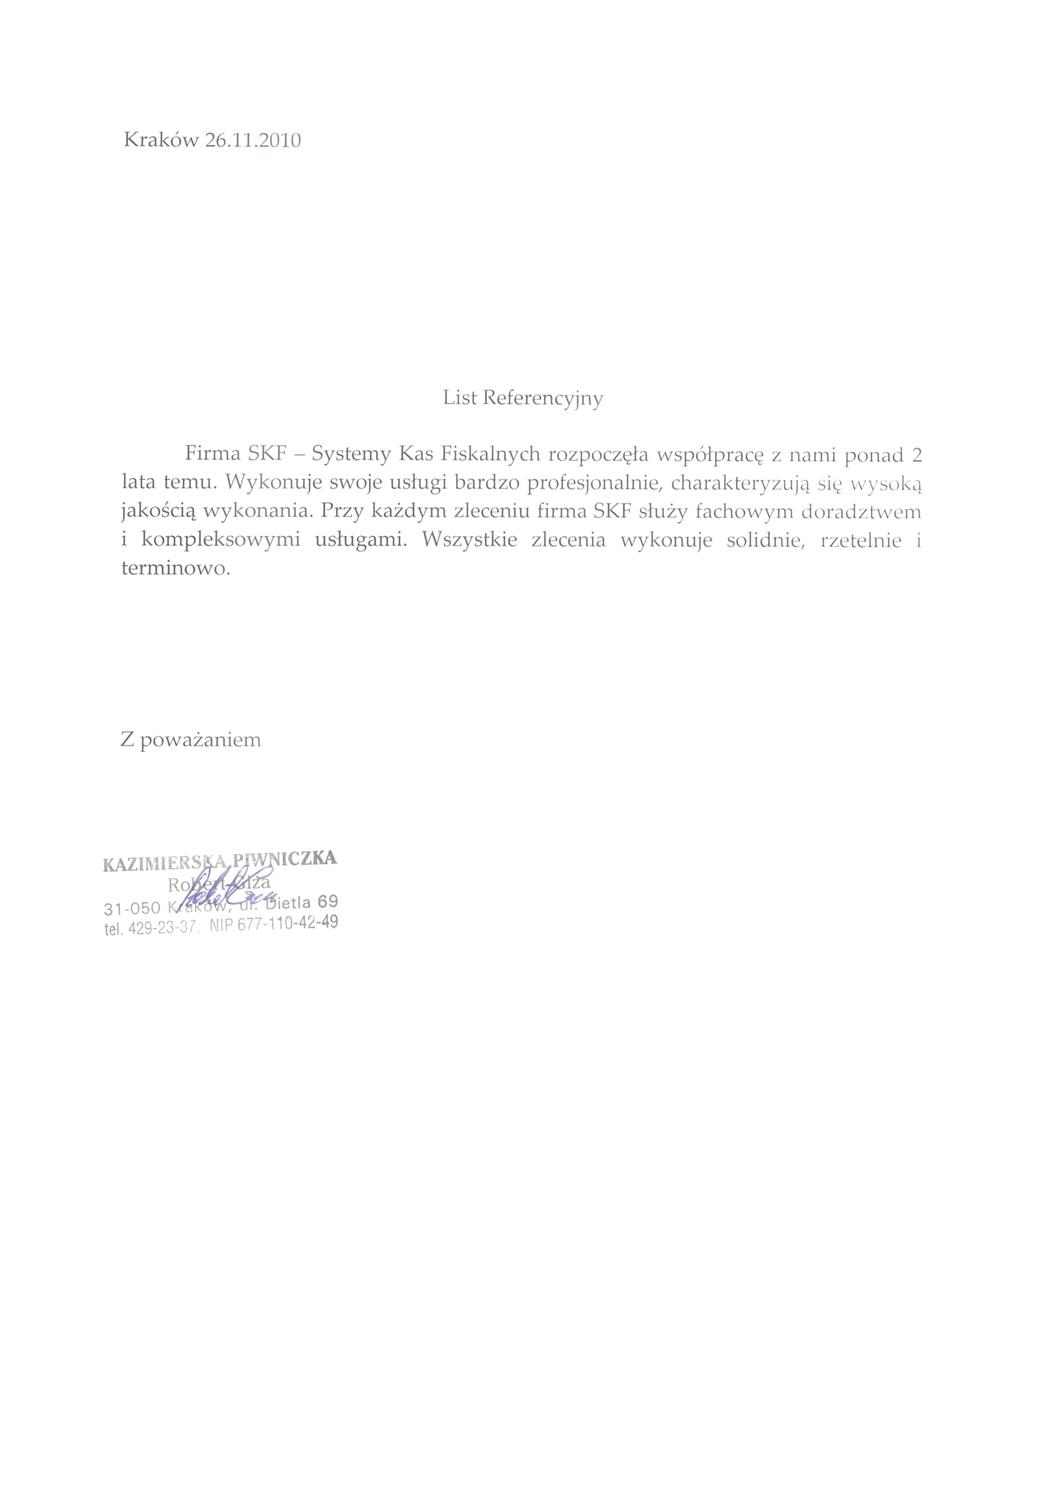 Kazimierska Piwniczka